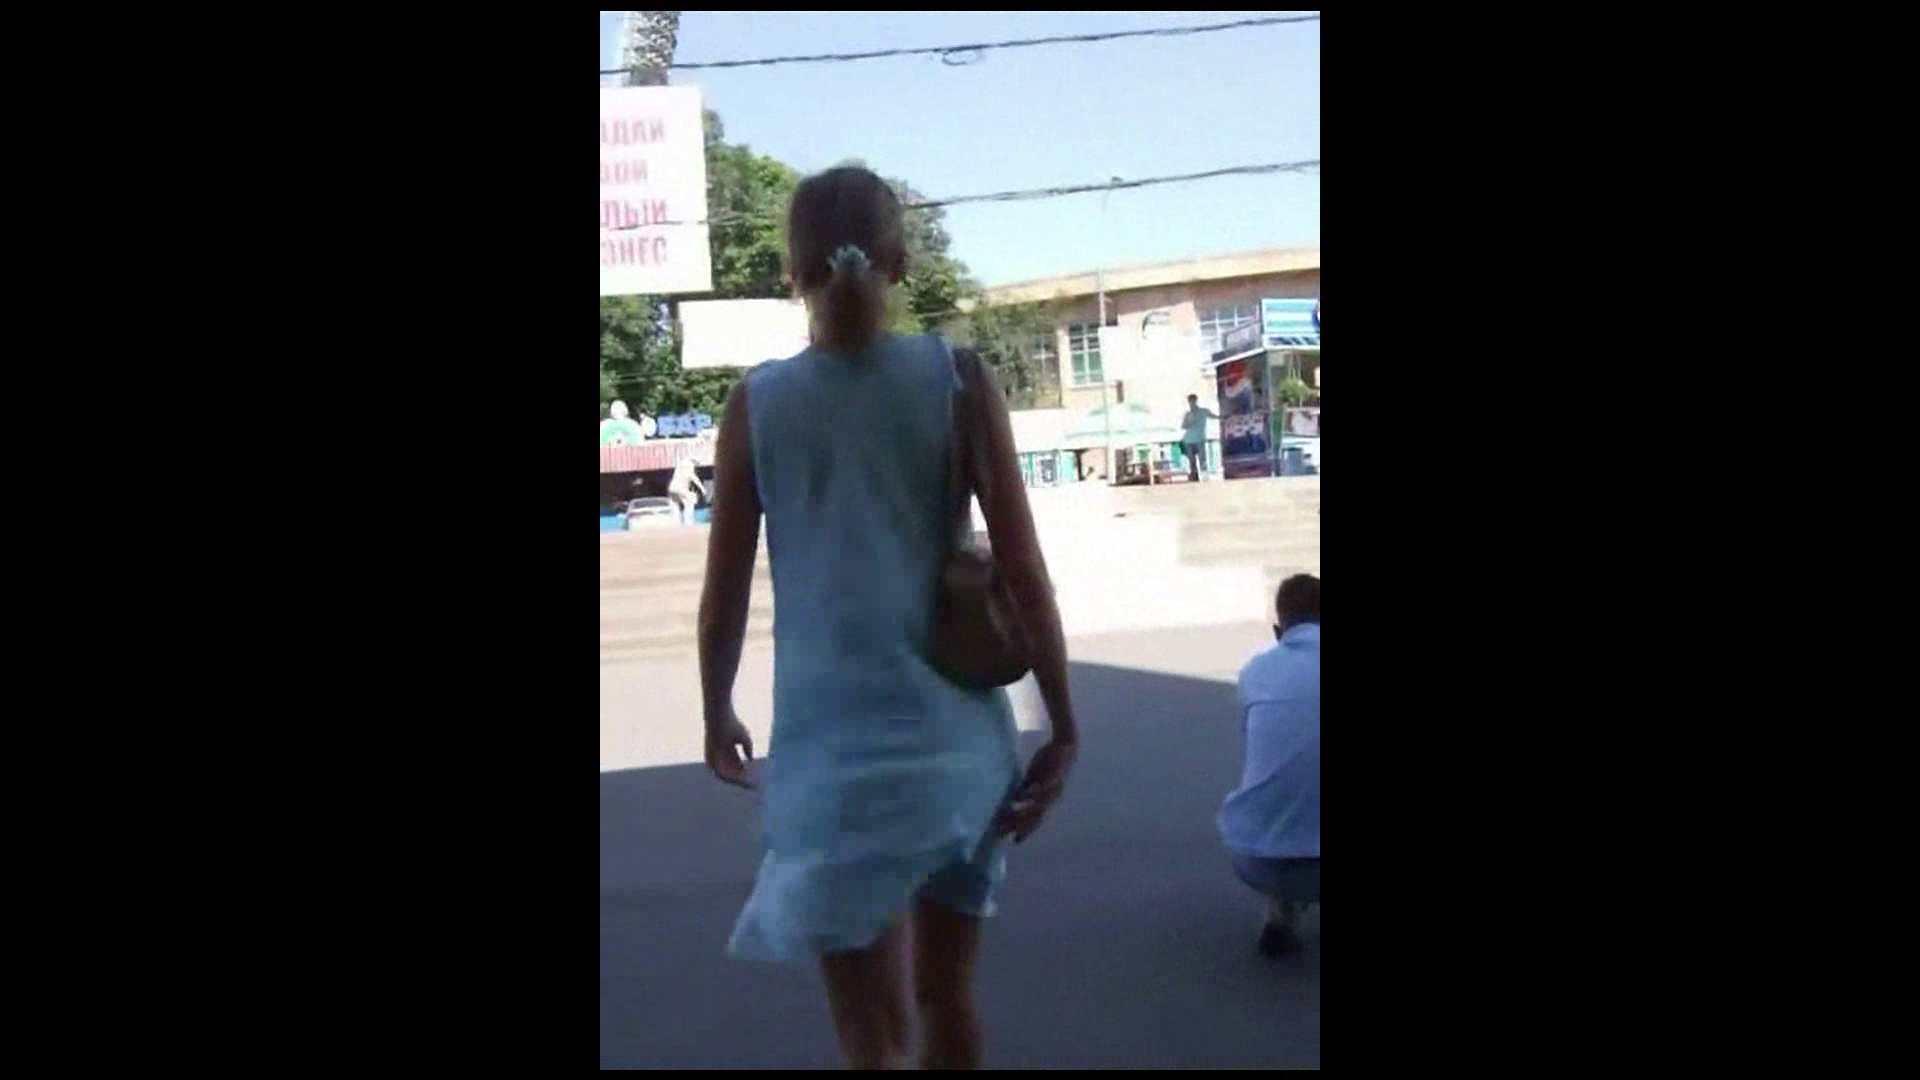 綺麗なモデルさんのスカート捲っちゃおう‼vol03 お姉さんのエロ動画 | 0  101PIX 49